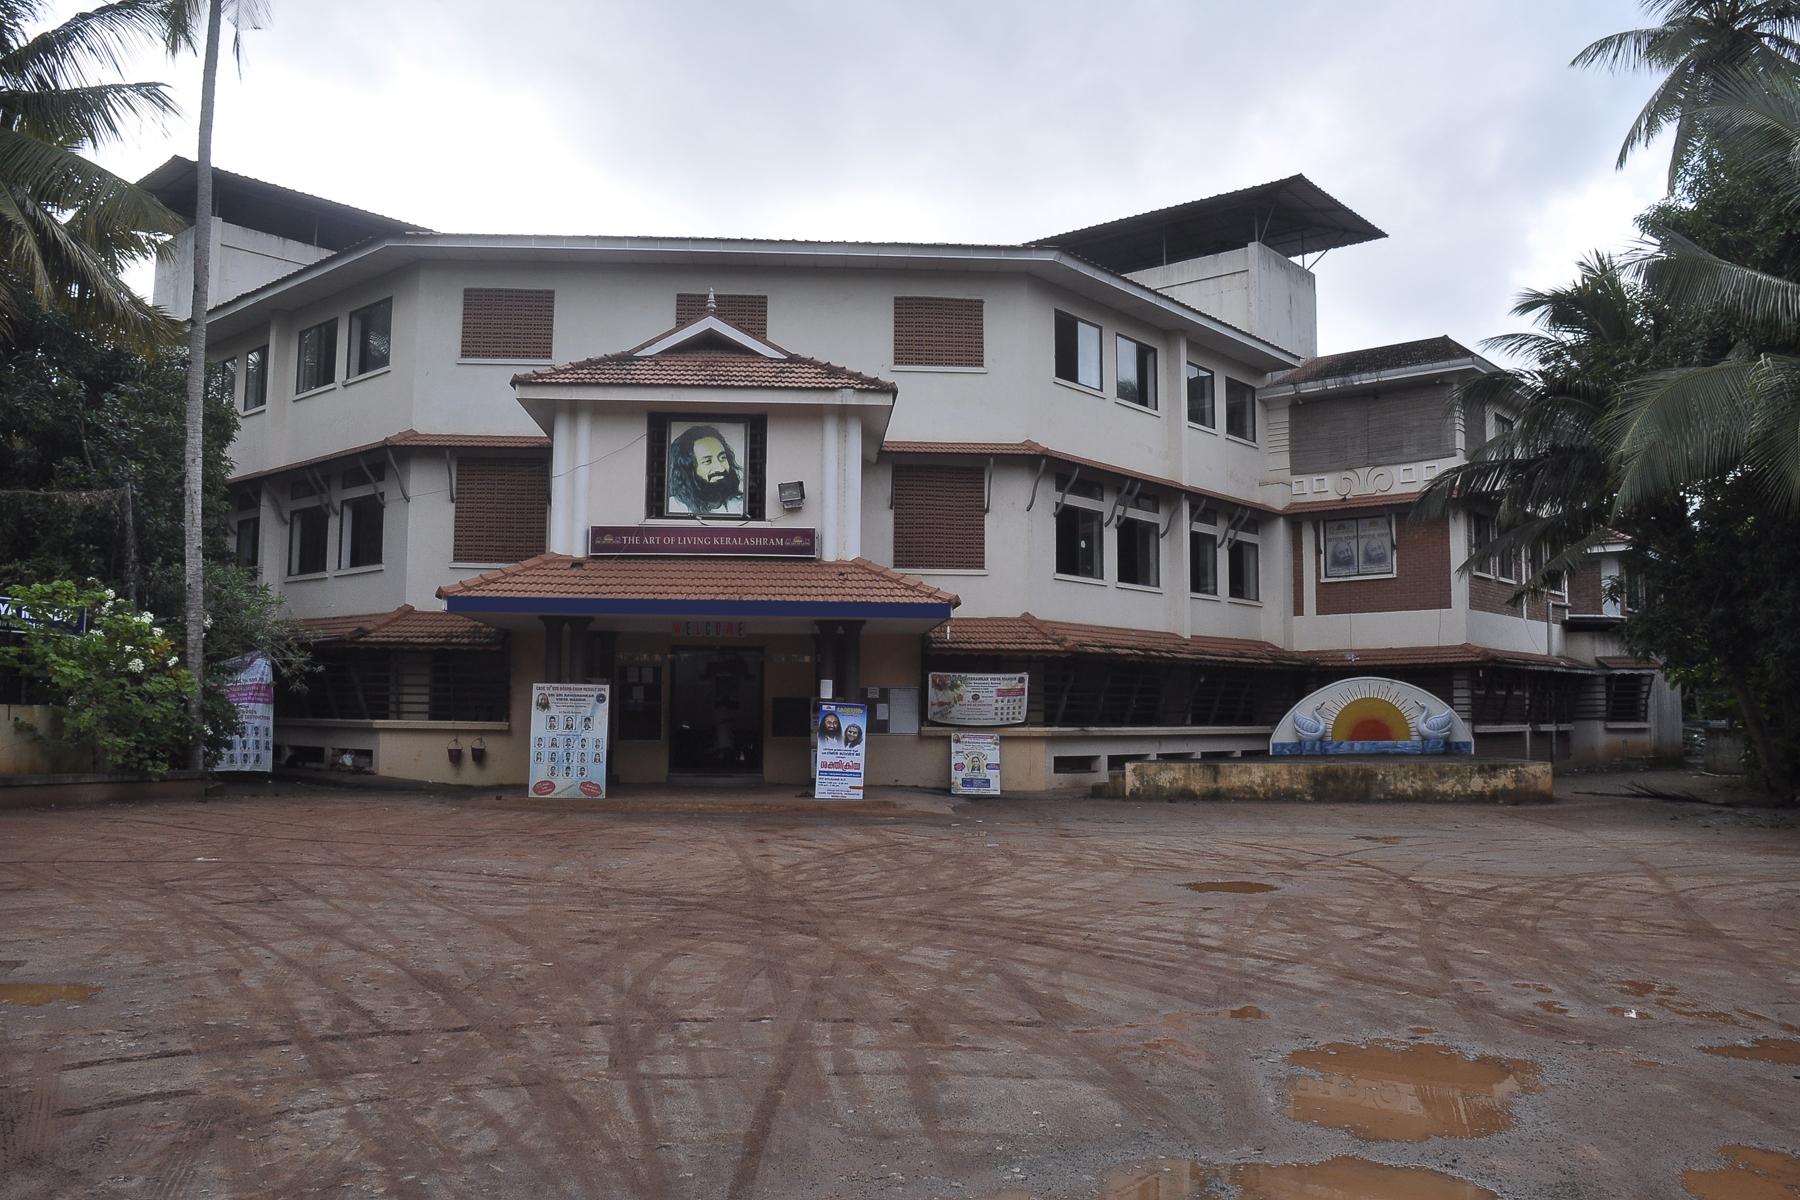 Trivandrum, Kerala, India Campus